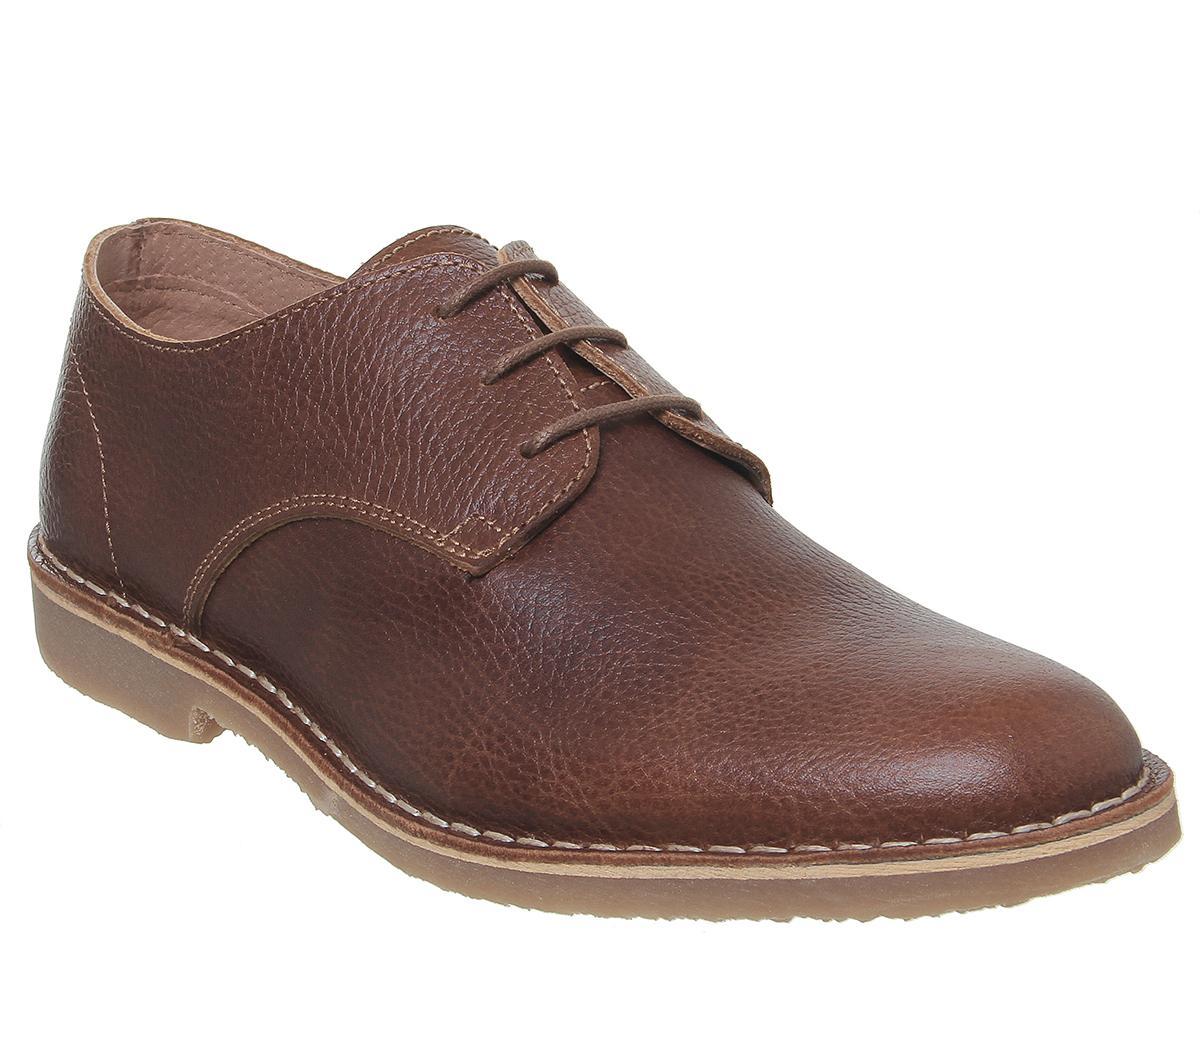 Celsius Desert Shoes